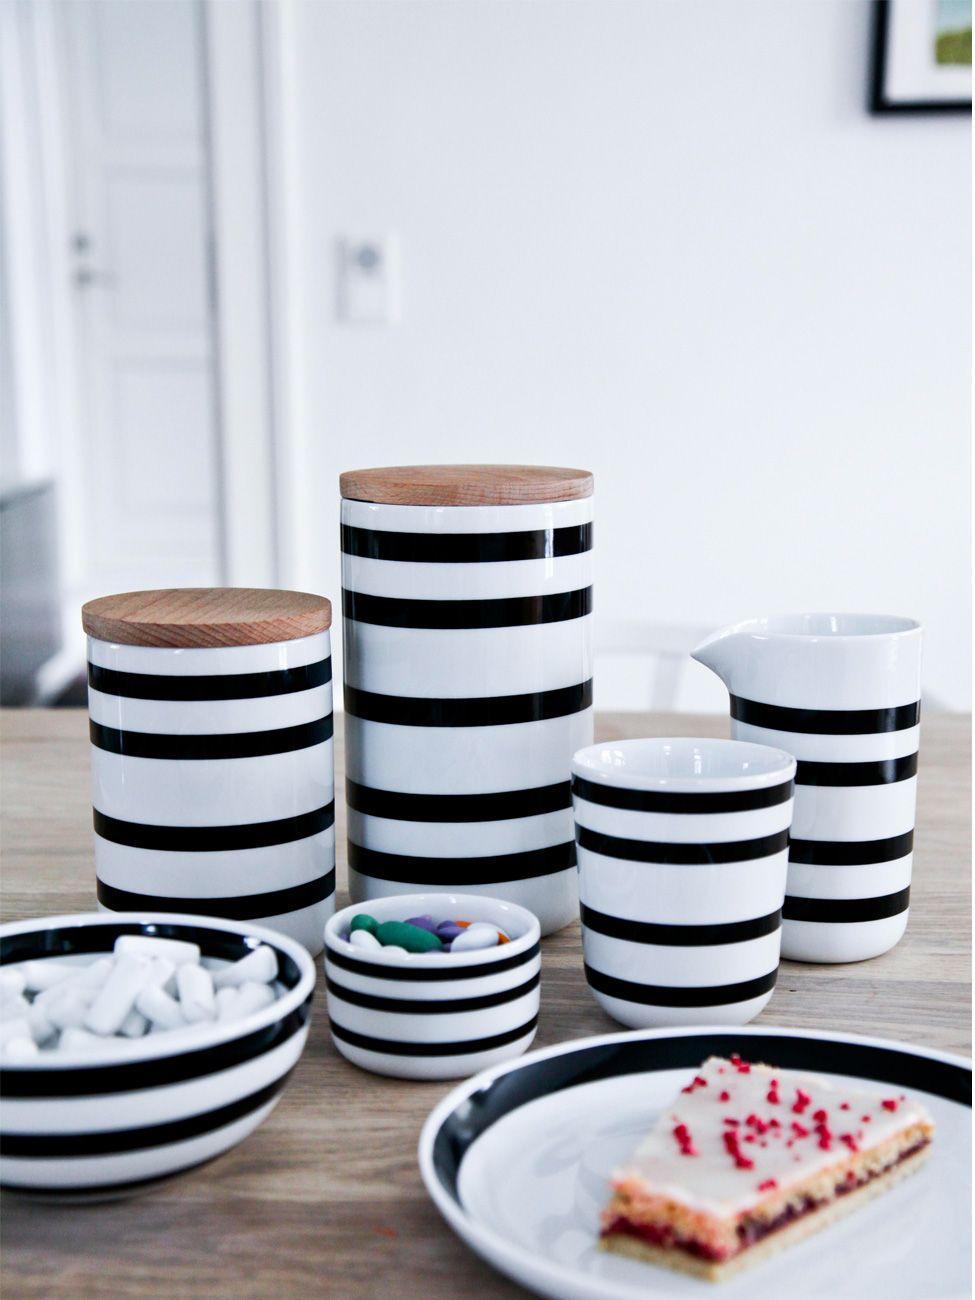 Skandinavisches Porzellan kähler omaggio keramikdose schwarz weiß gedeckter tisch